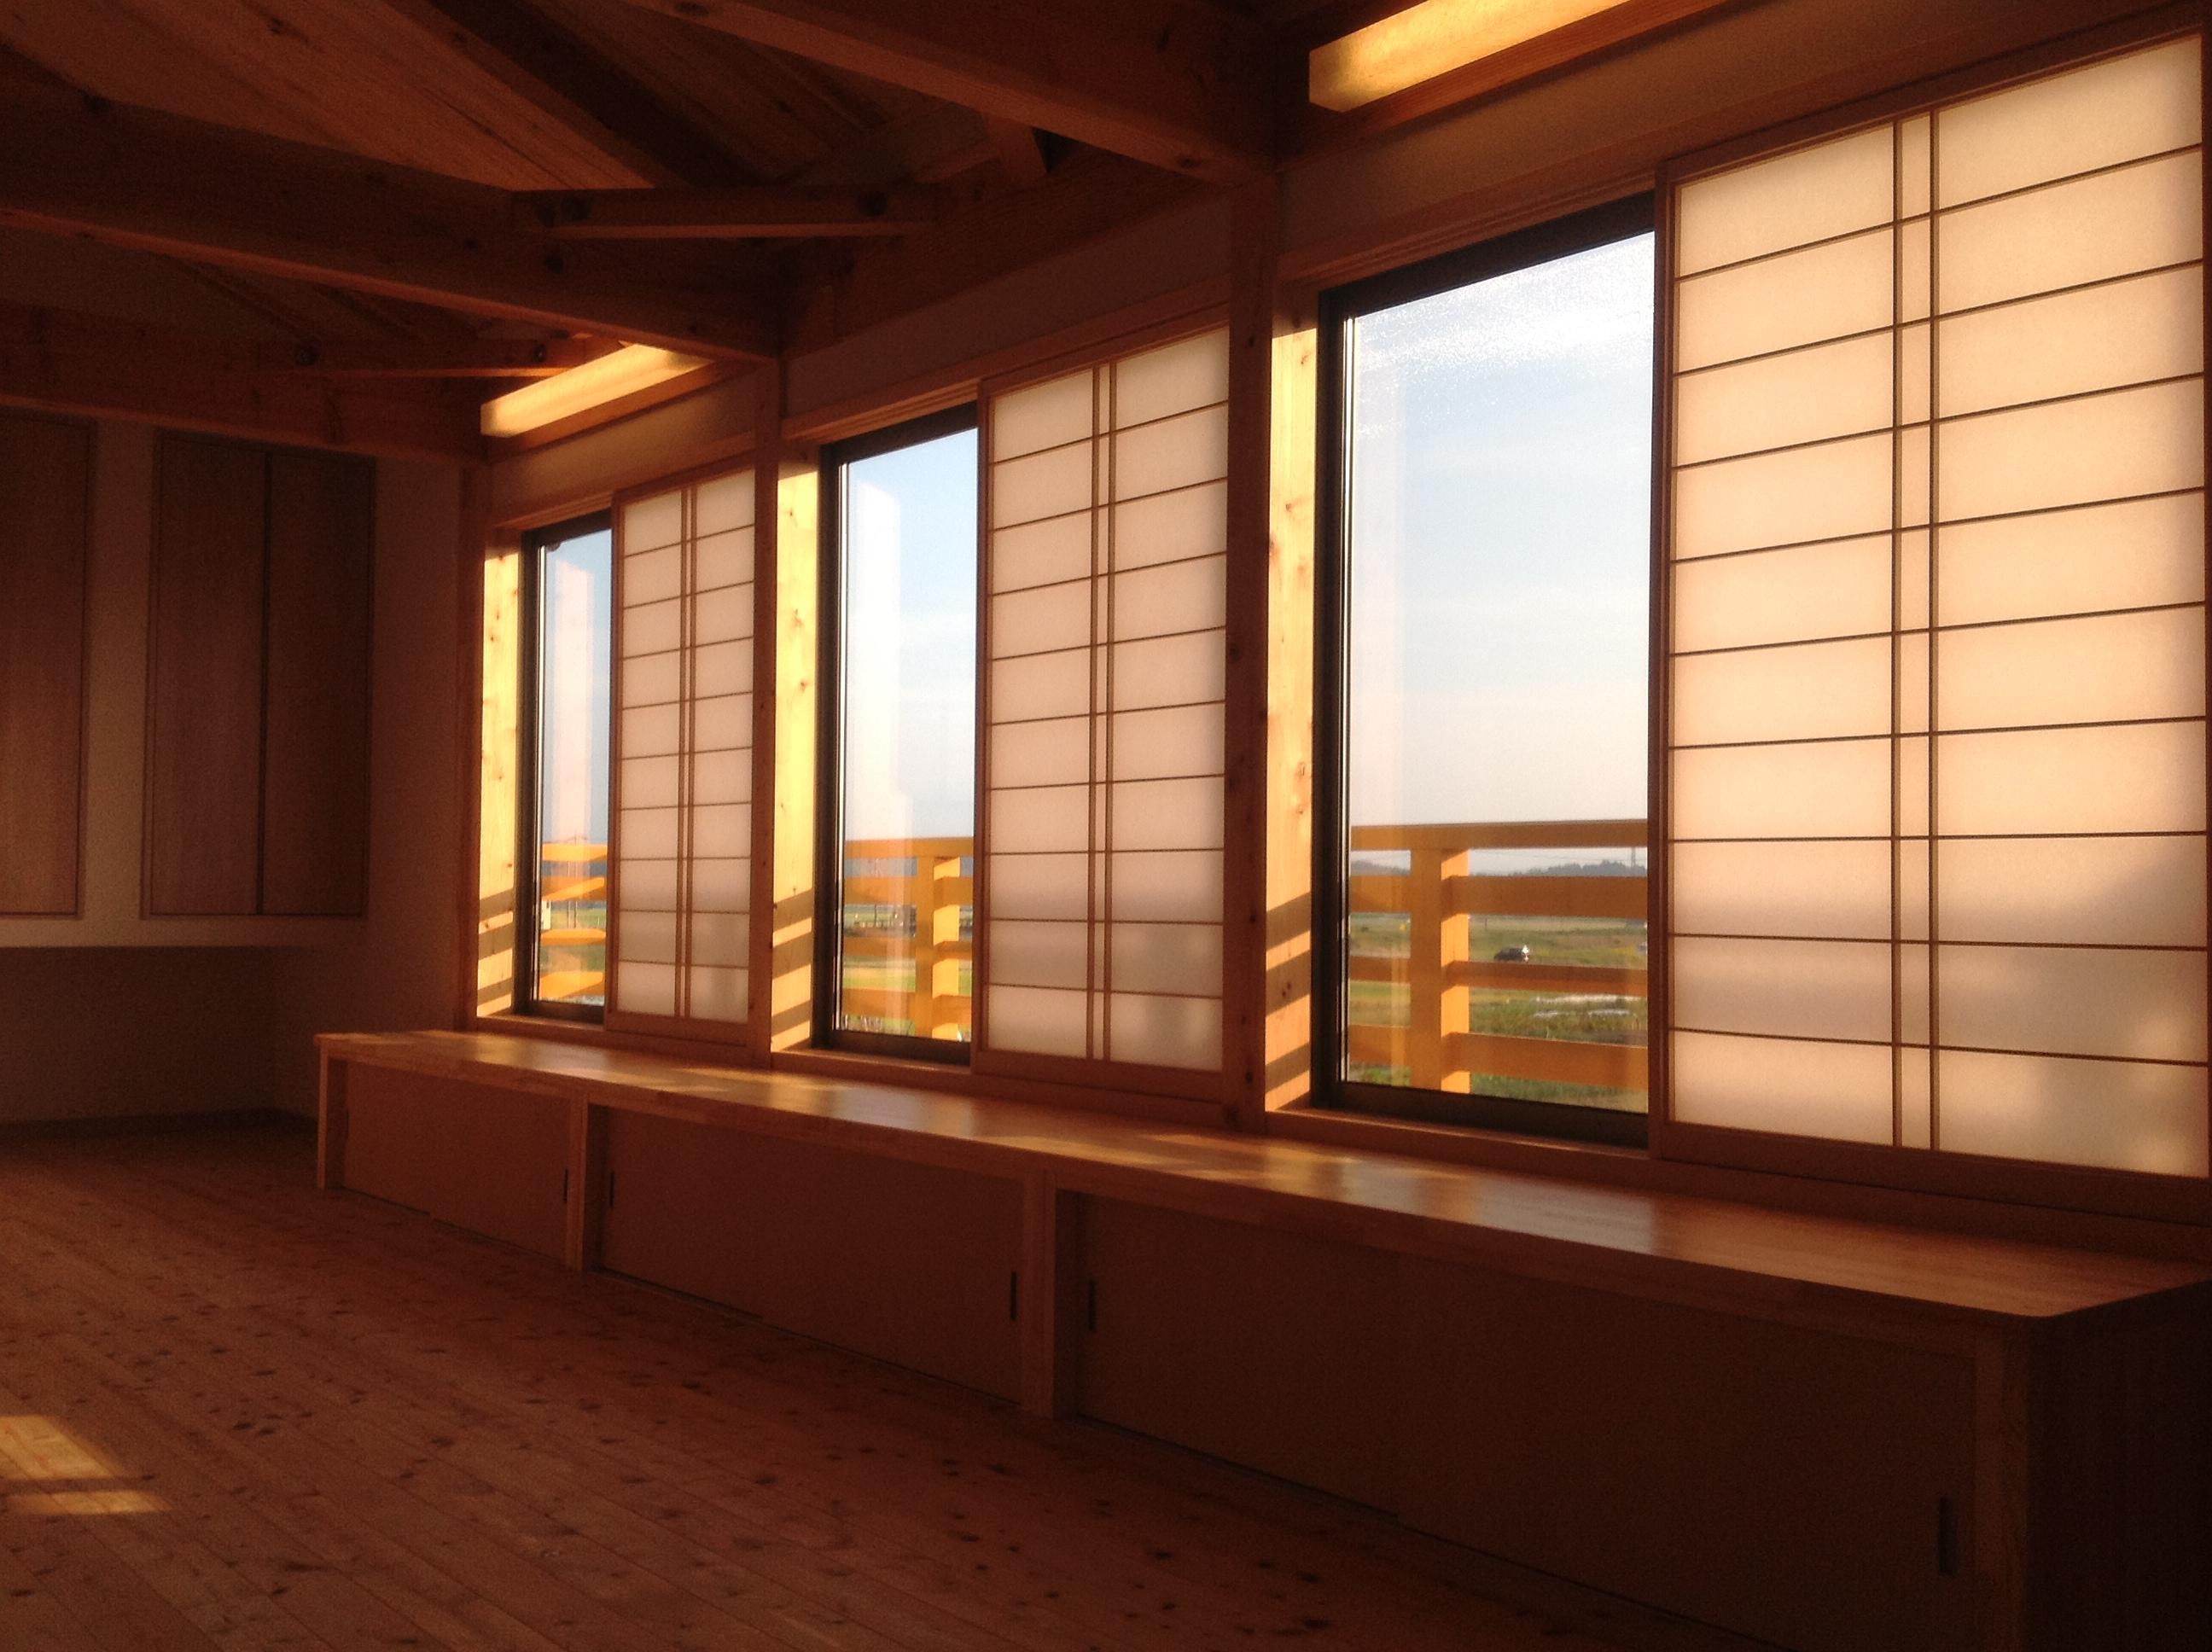 【リビング】勾配天井がリビングをより解放感のある空間に。旅館感じさせる木製手摺の向こうには、のどかな田園風景が